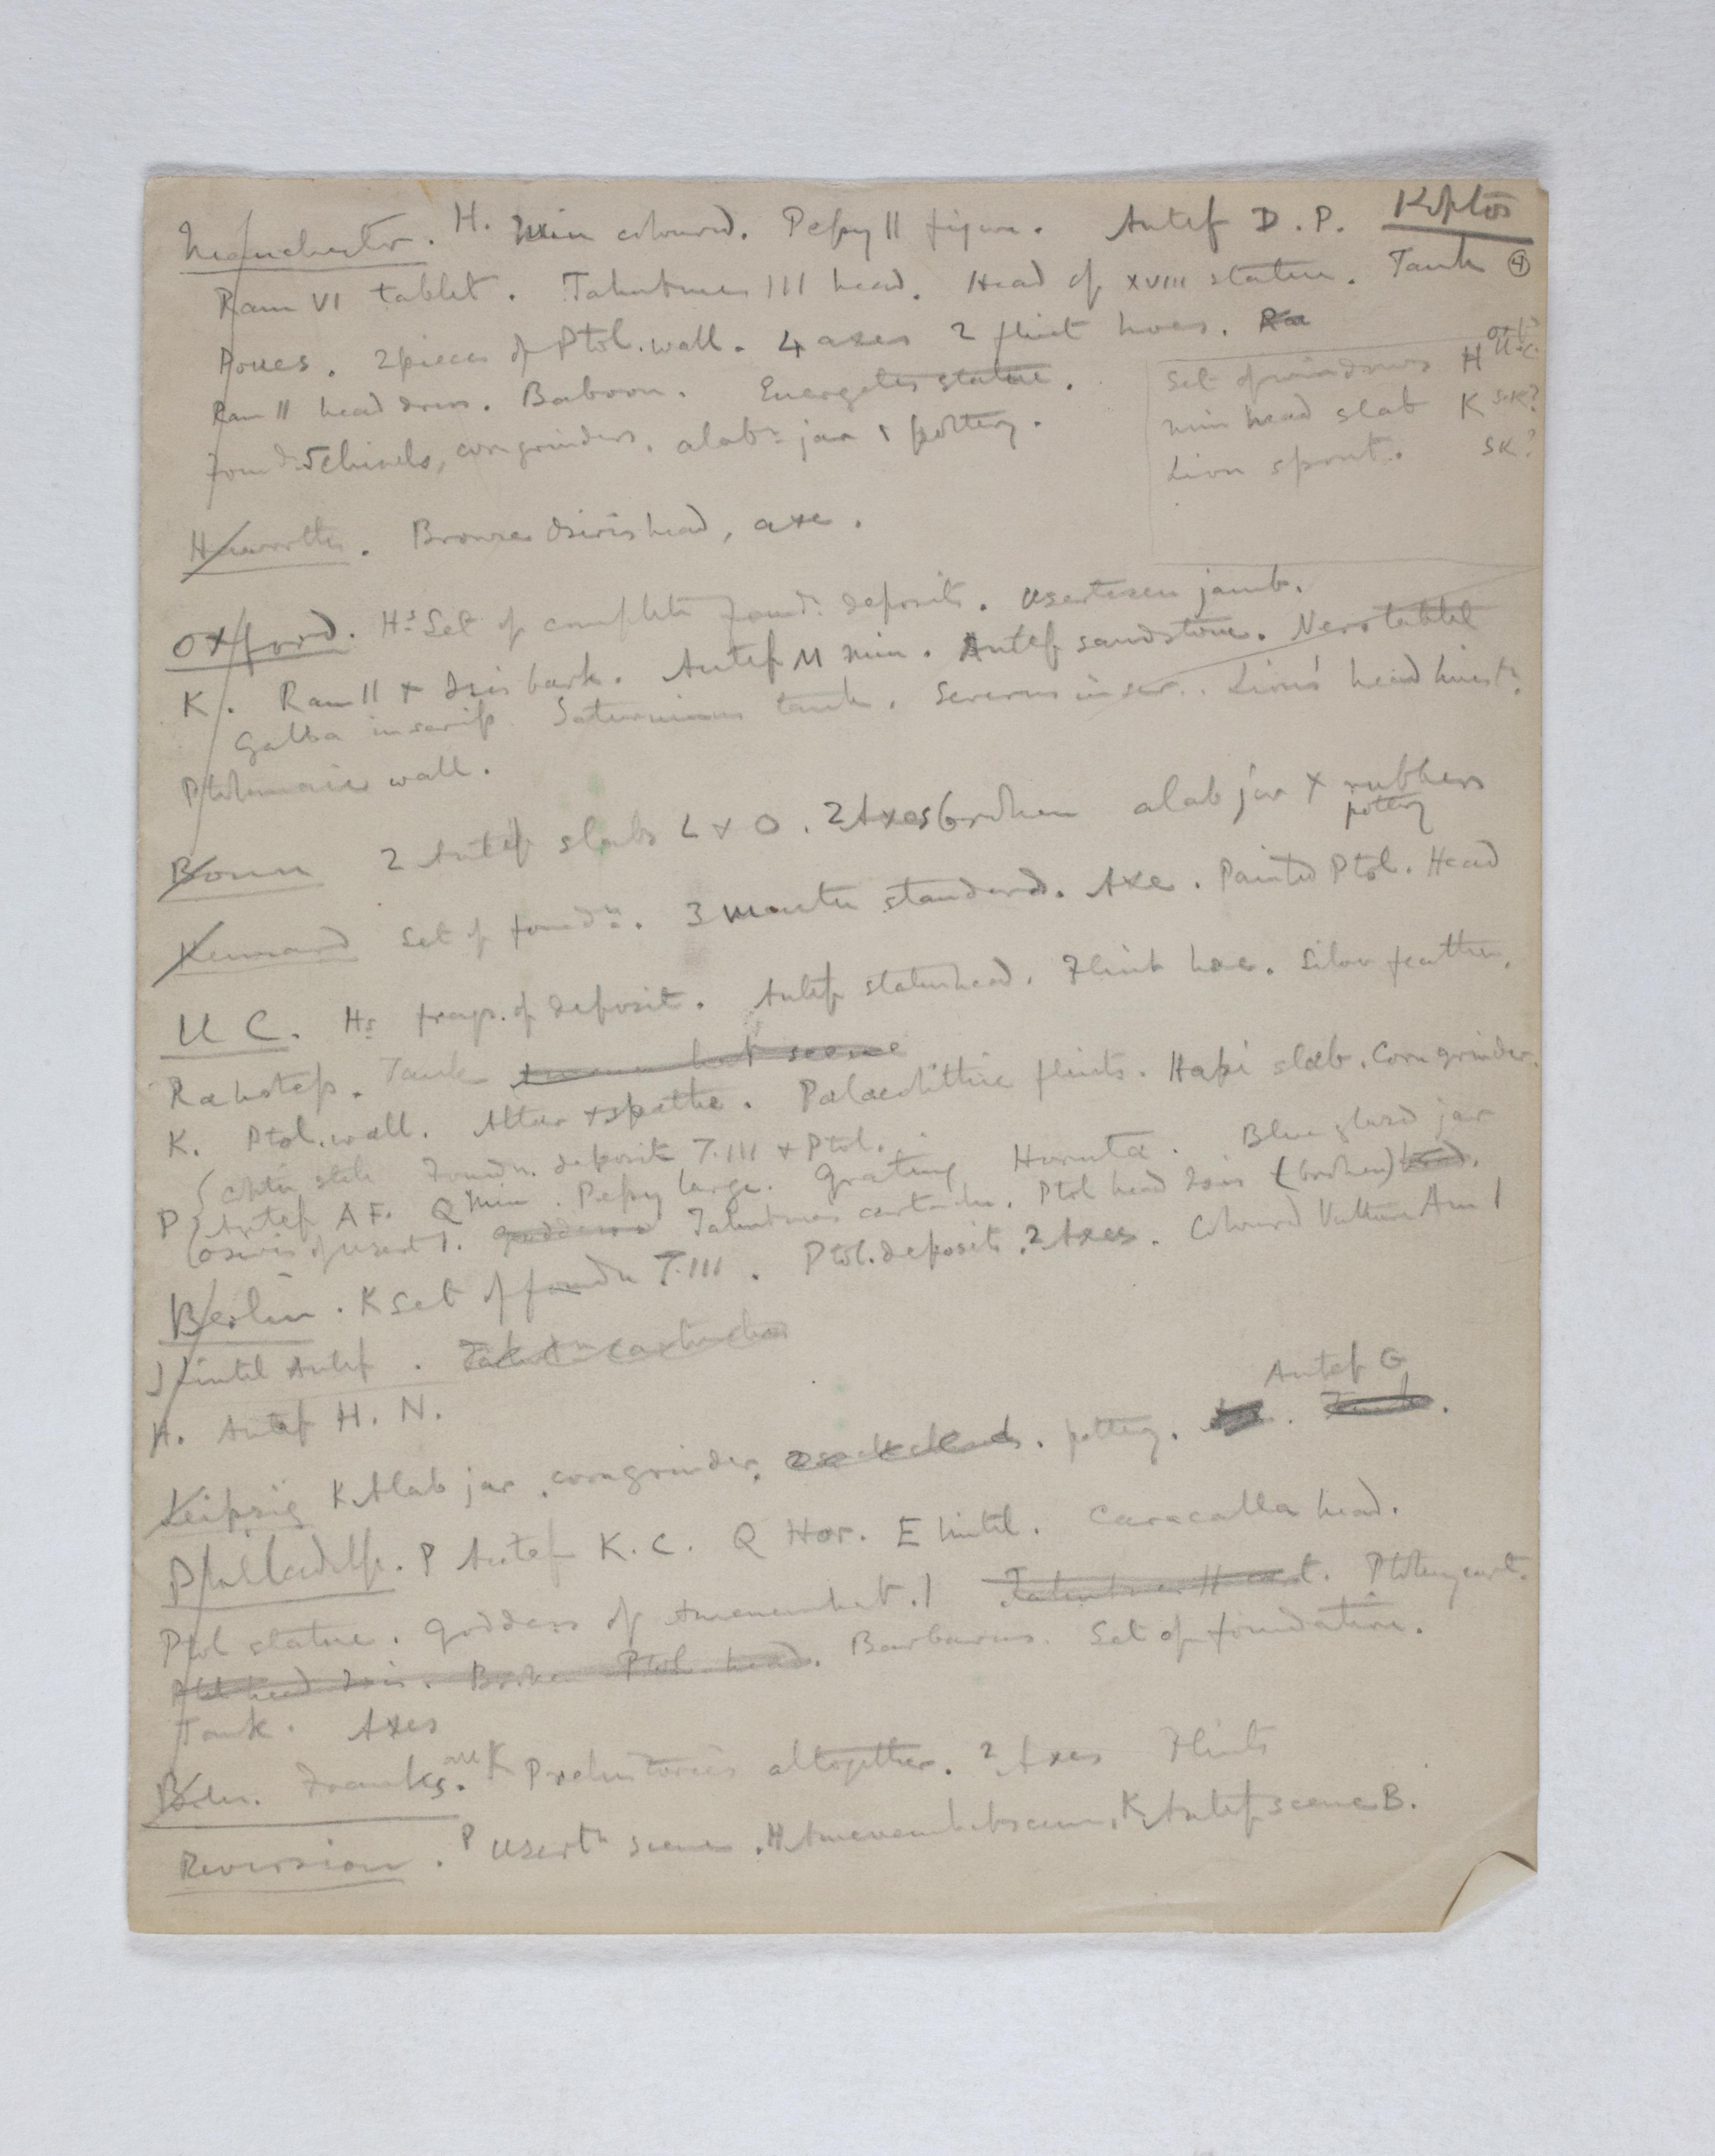 Koptos 1983-1894, Multiple Institution List, PMA/WFP1/D/2/4